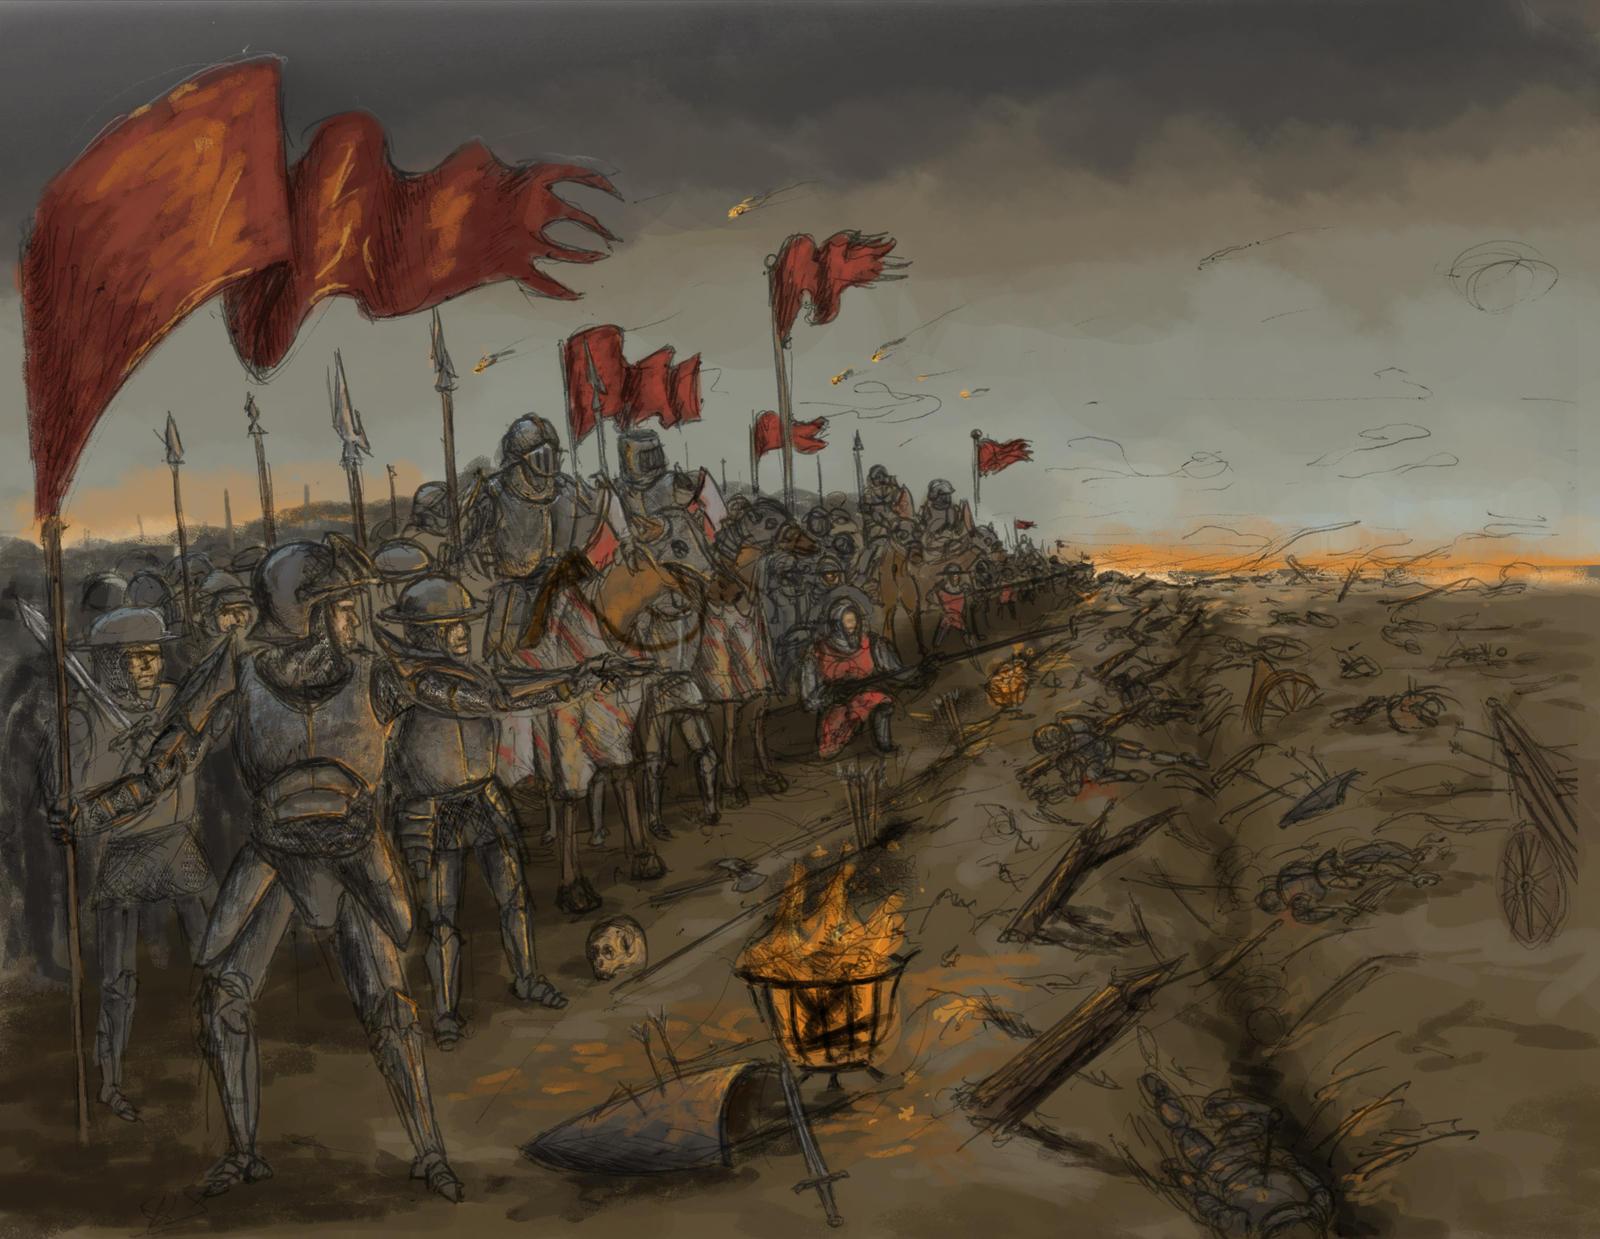 Fantasy Nordic Mythology Illustrations - Img Jdc Nm Battle Scene